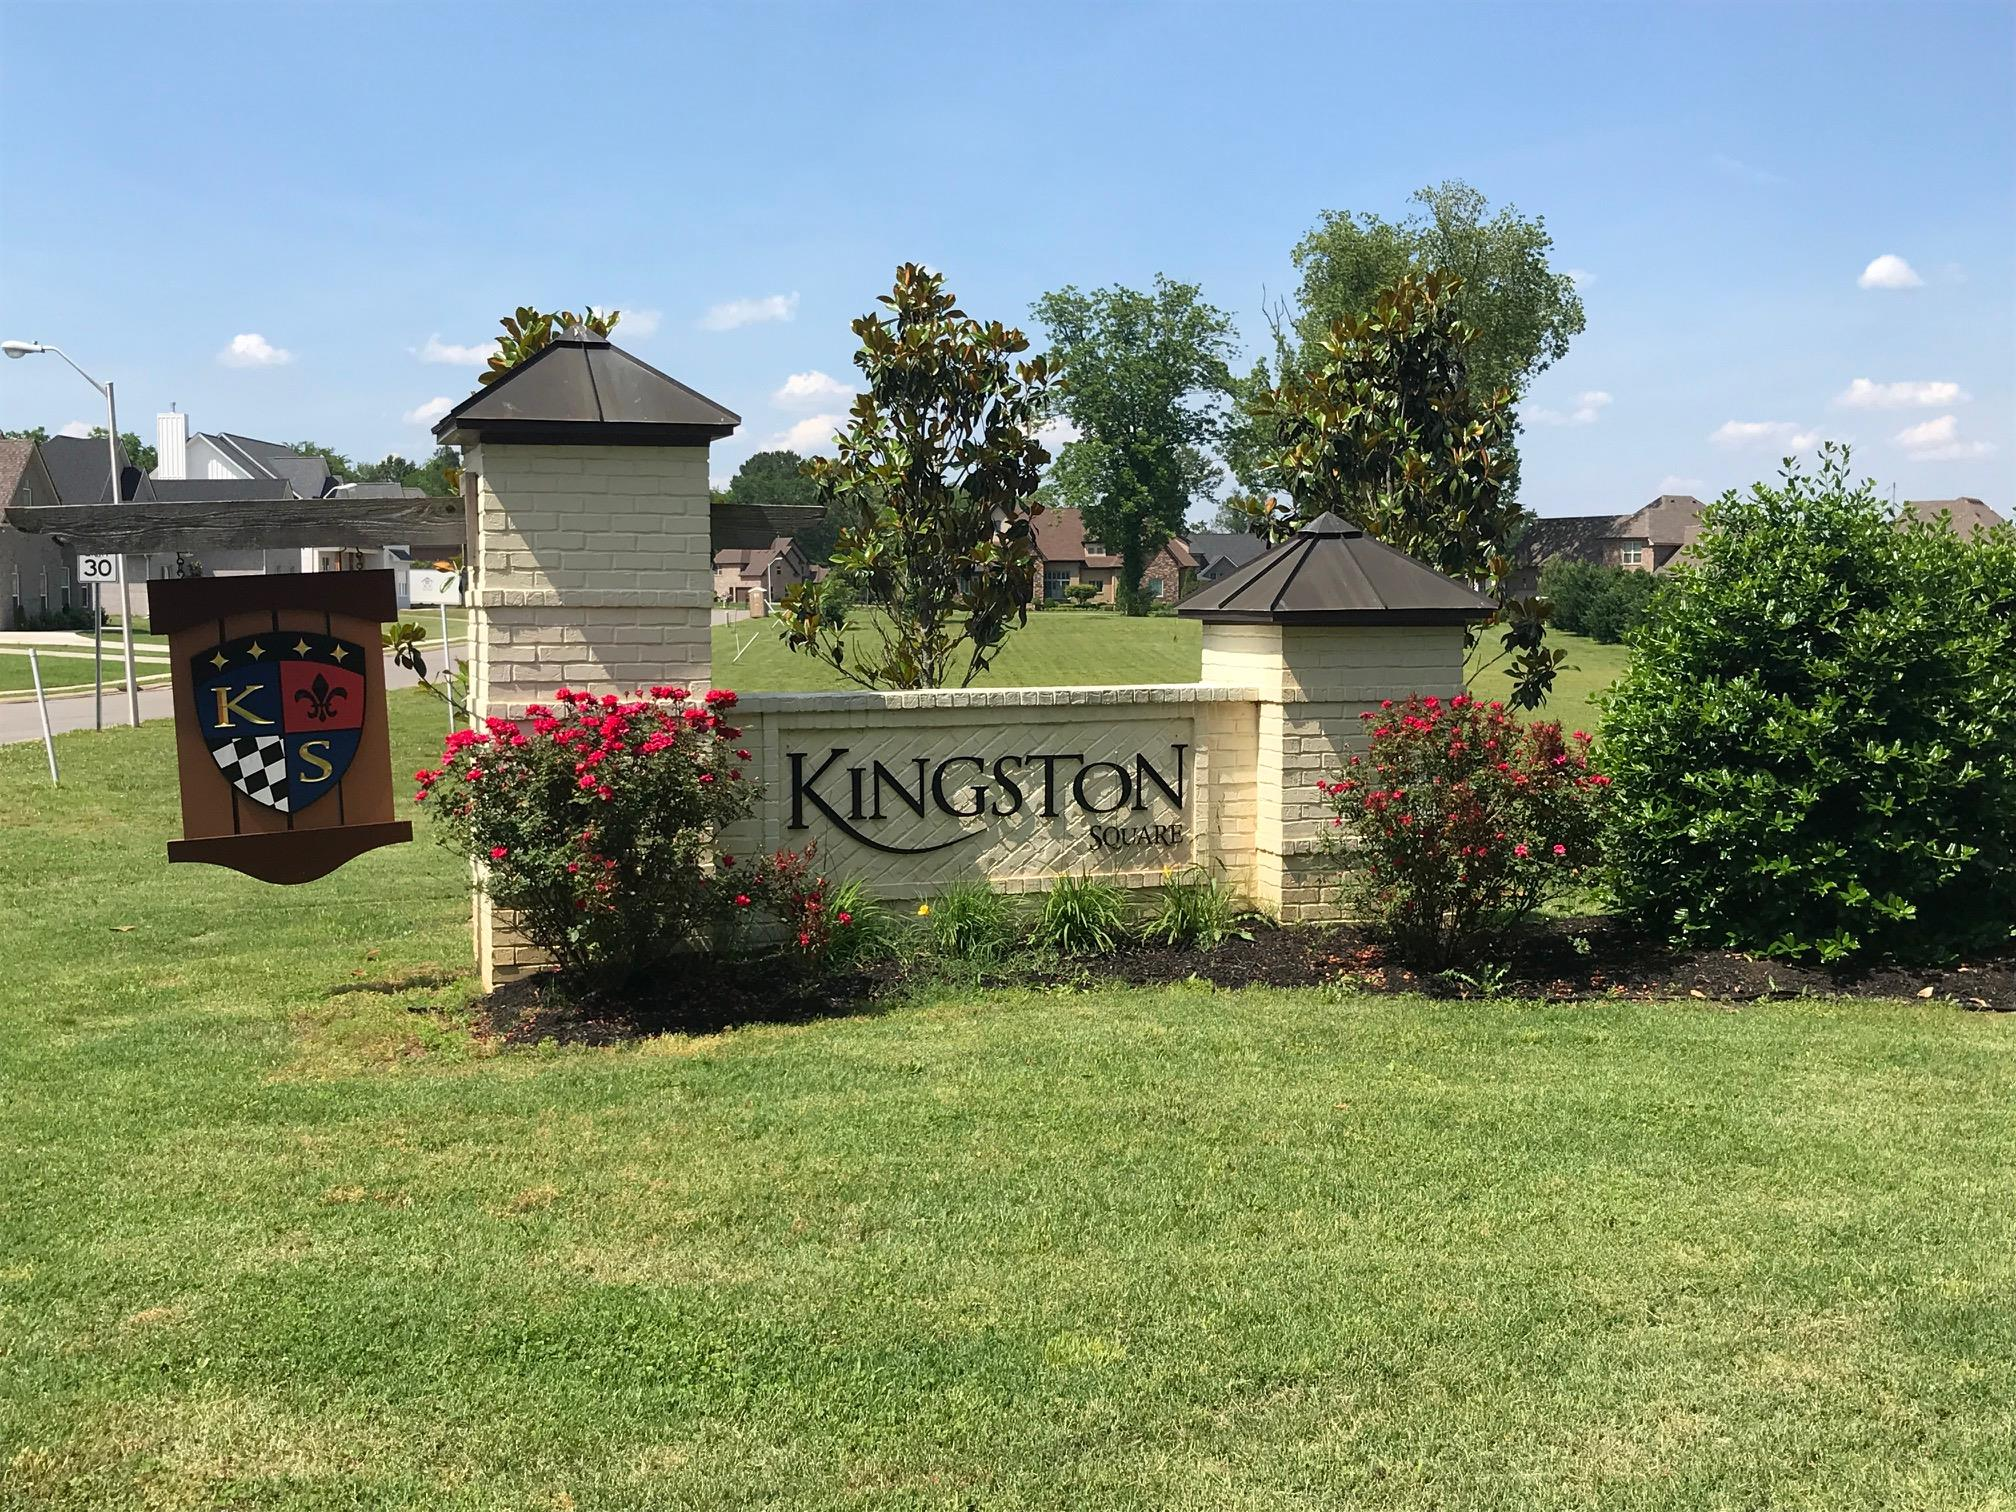 920 Empire Blvd, Murfreesboro, TN 37132 - Murfreesboro, TN real estate listing